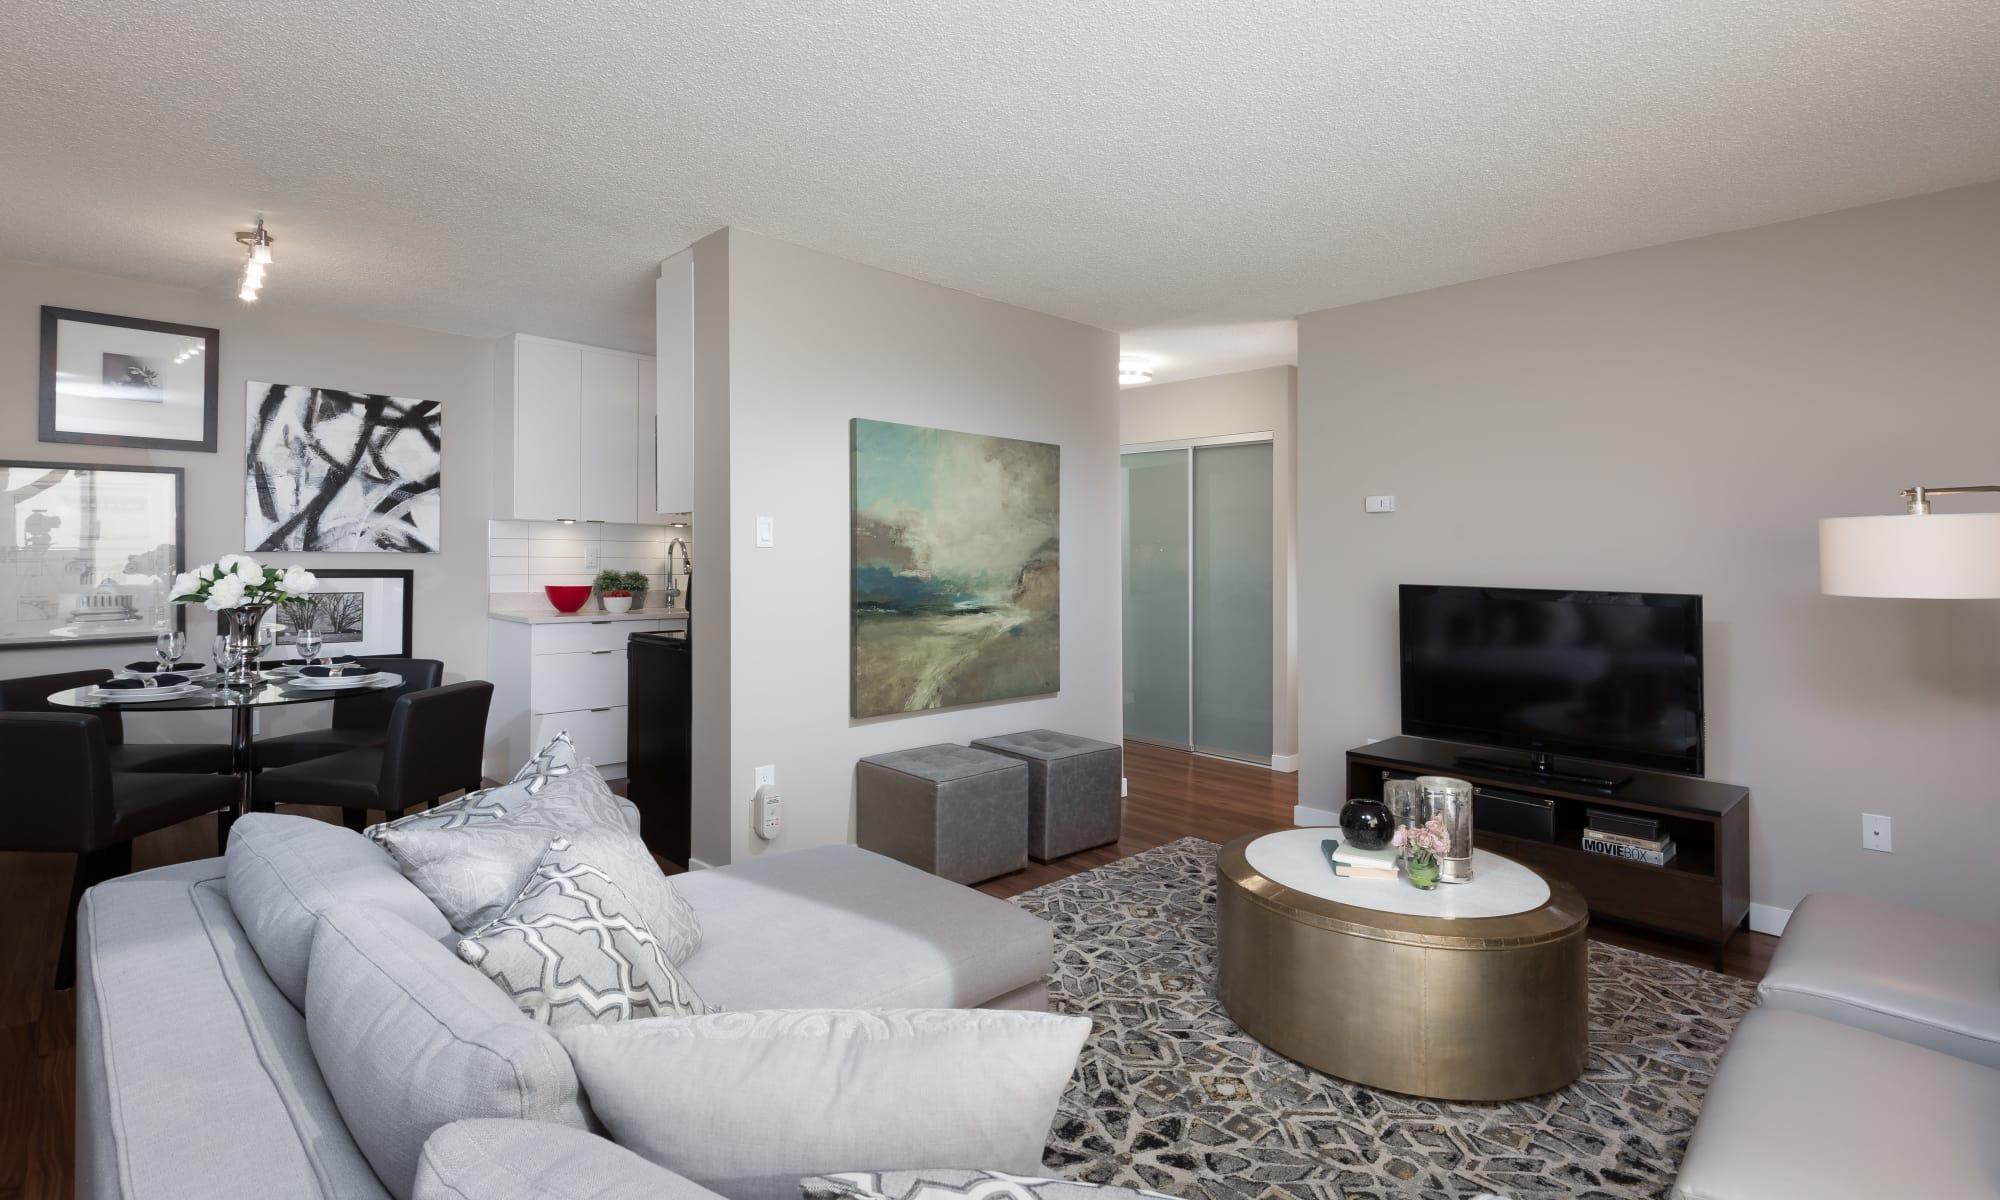 Apartments at Panarama Tower in Burnaby